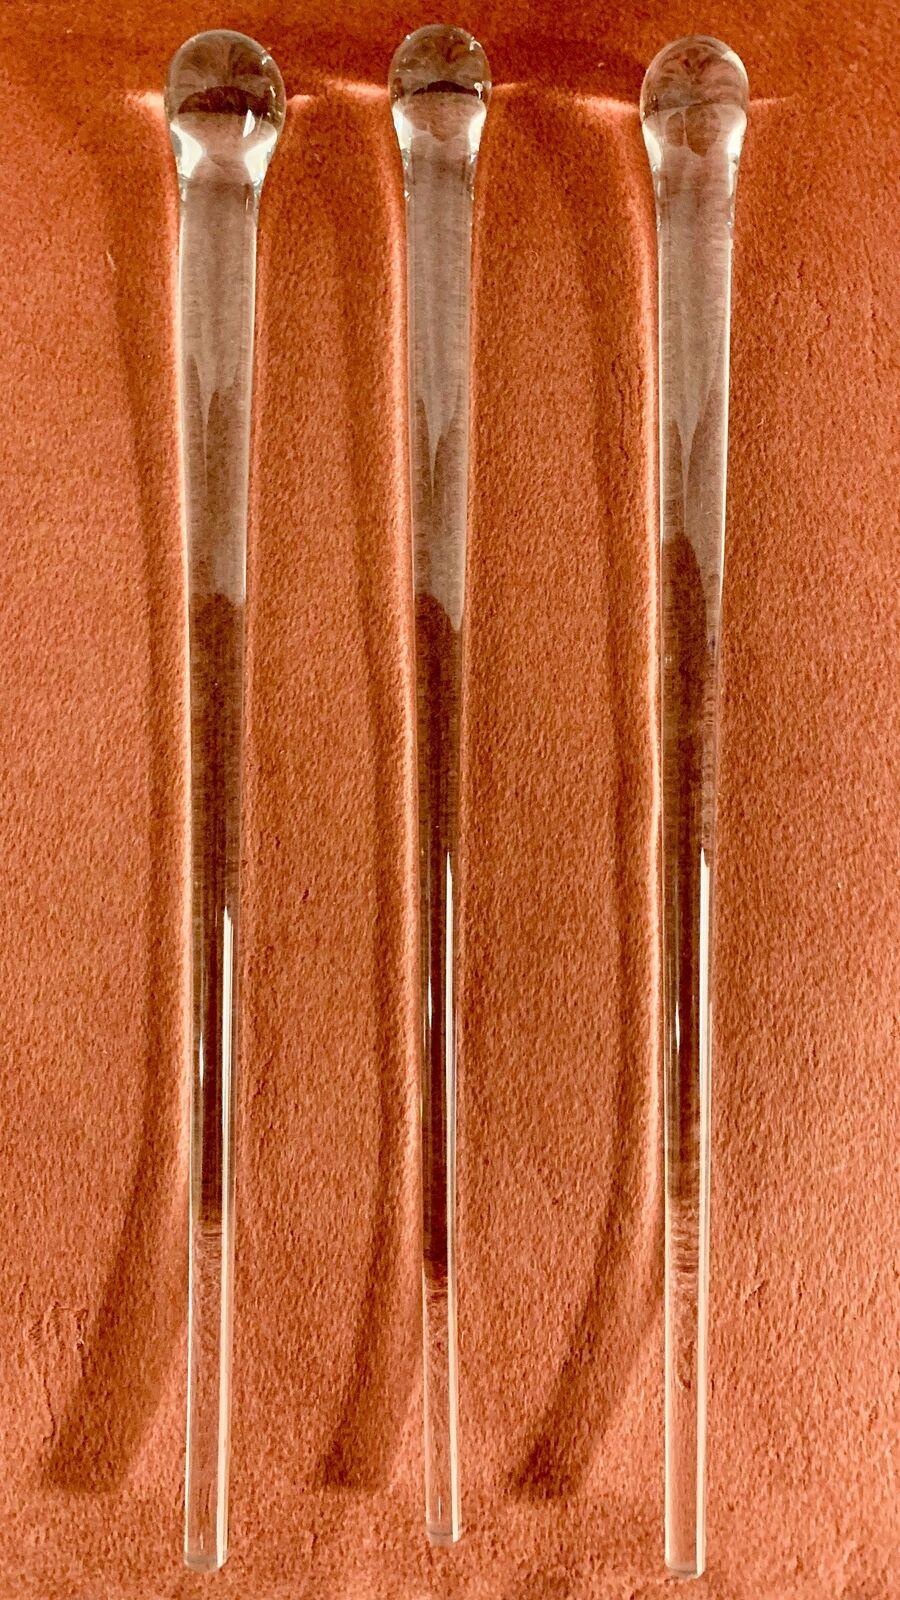 Vintage Hand Blown Glass Stirring Rods - 13